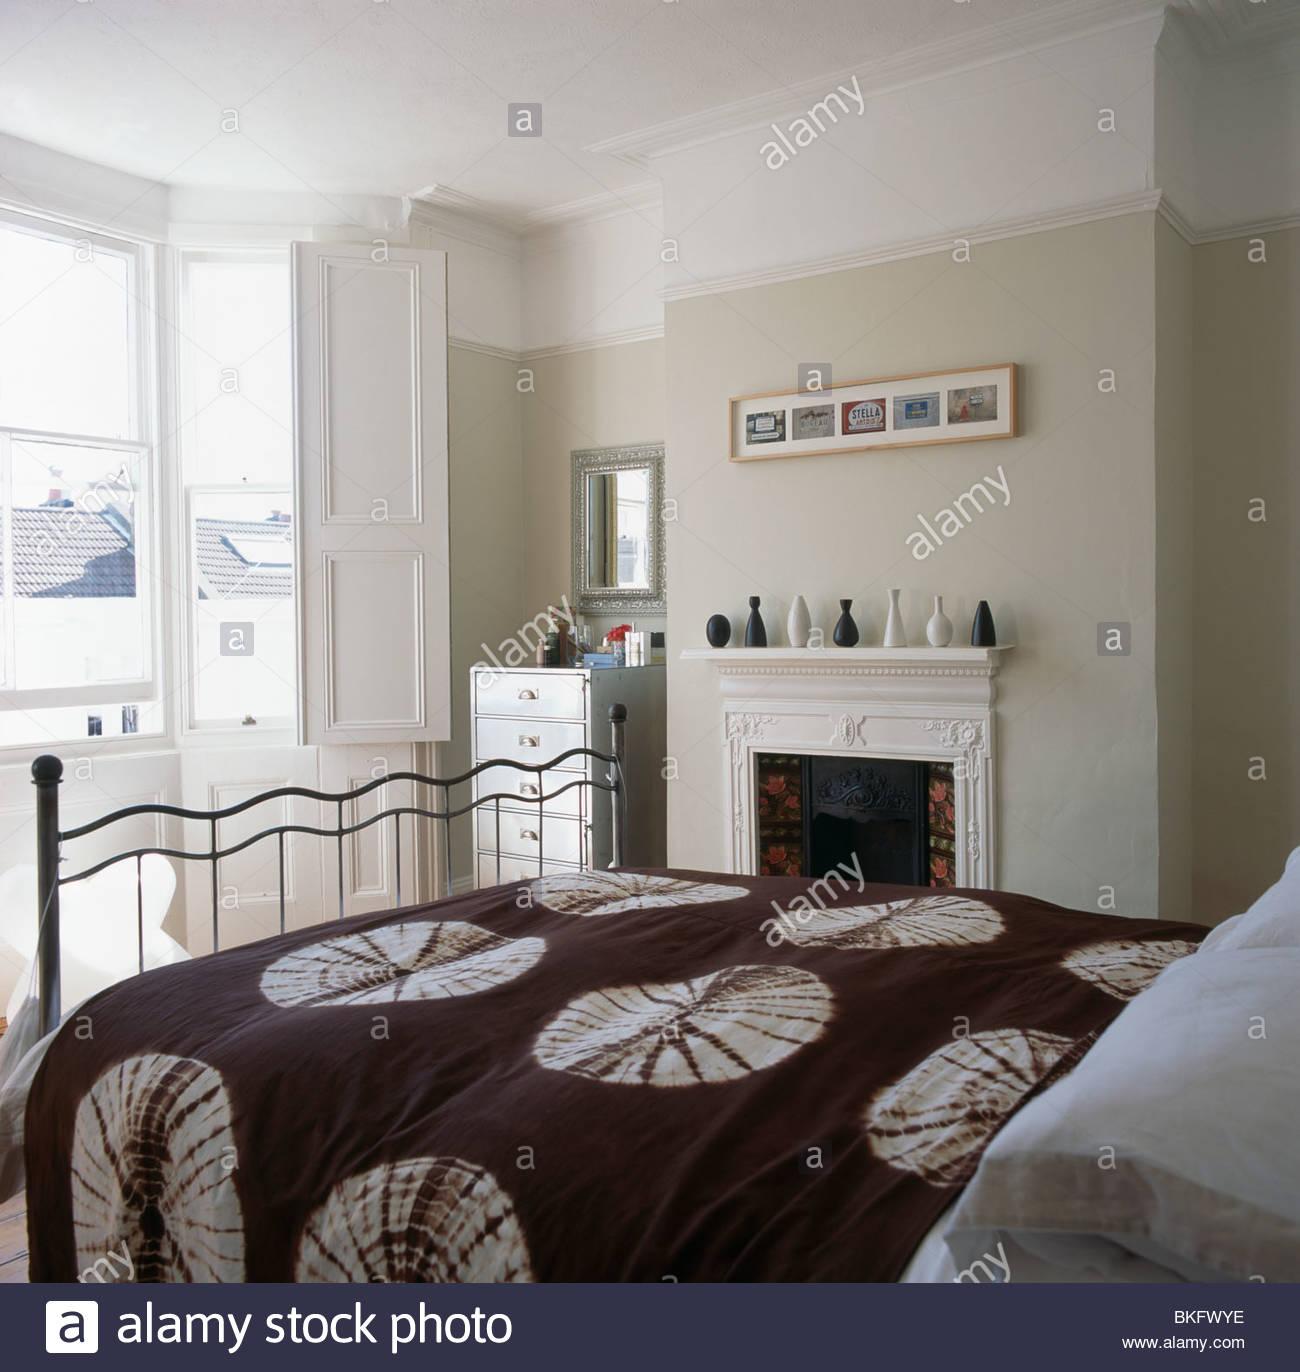 Full Size of Weißes Schlafzimmer Braun Wei Gemustert Bettdecke Auf Traditionellen Blbeige Tapeten Romantische Stuhl Für Vorhänge Truhe Kommode Weiß Komplett Mit Schlafzimmer Weißes Schlafzimmer